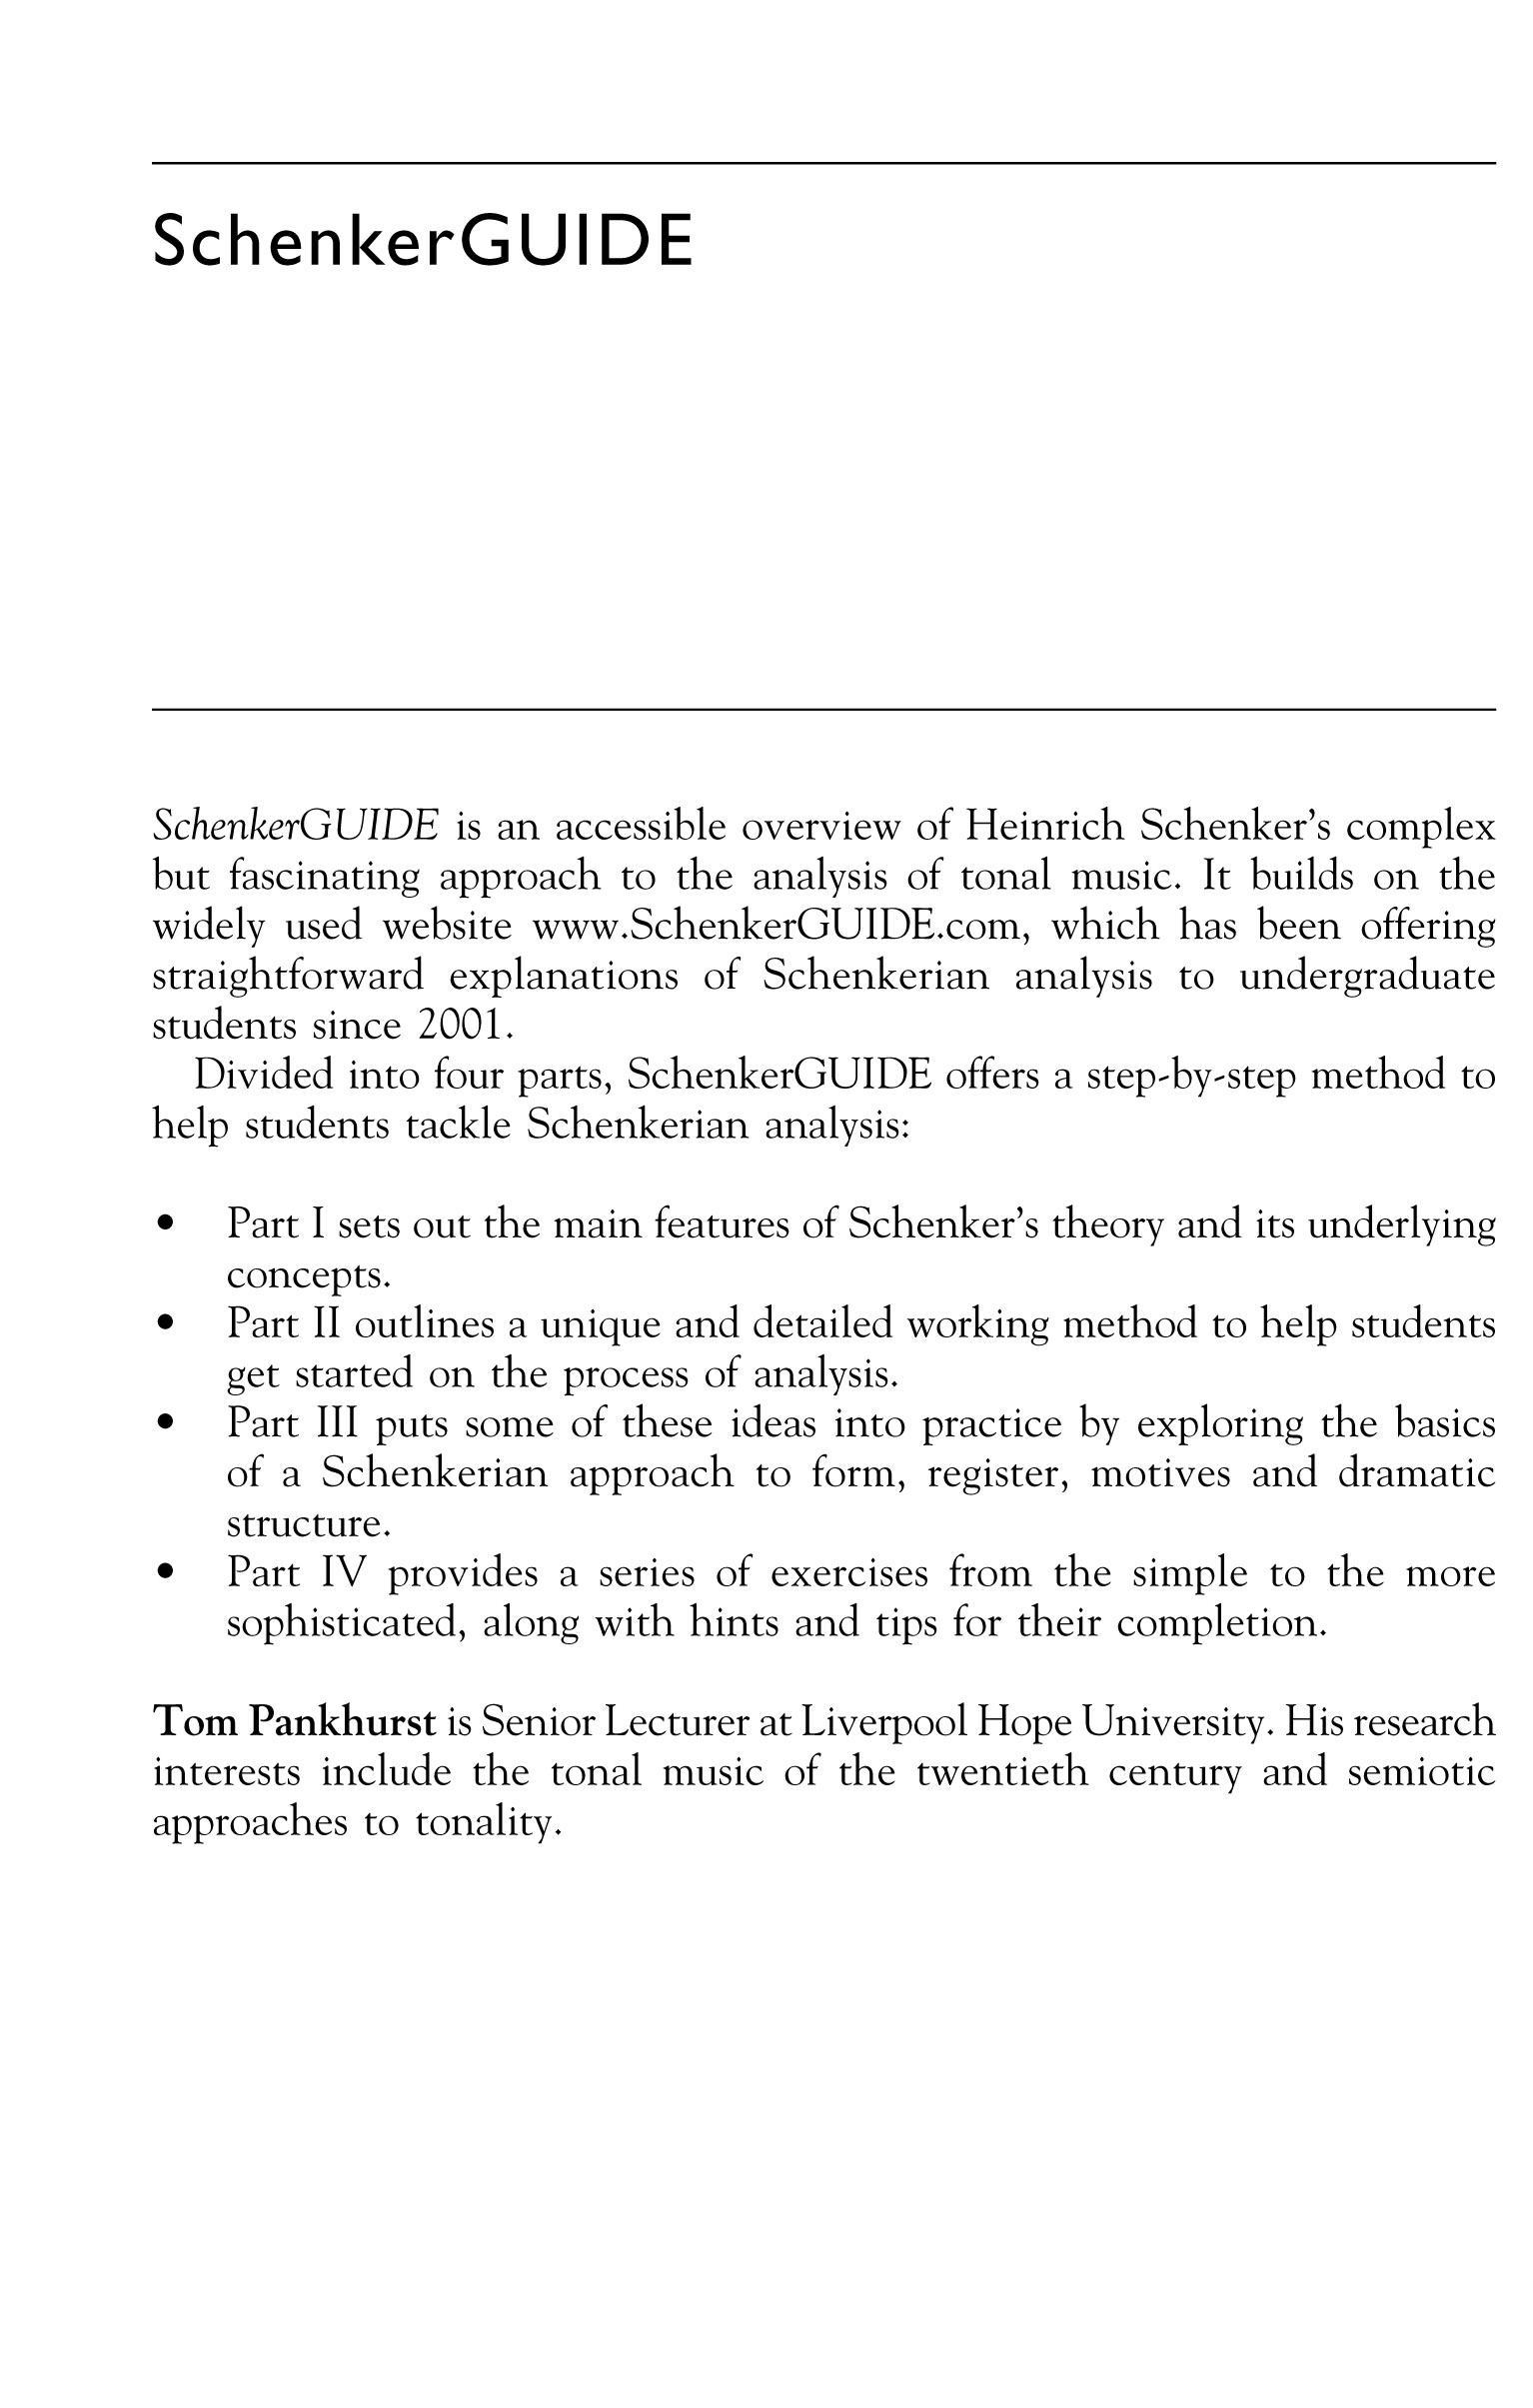 SchenkerGUIDE: A Brief Handbook and Website for Schenkerian Analysis EB9780203928882